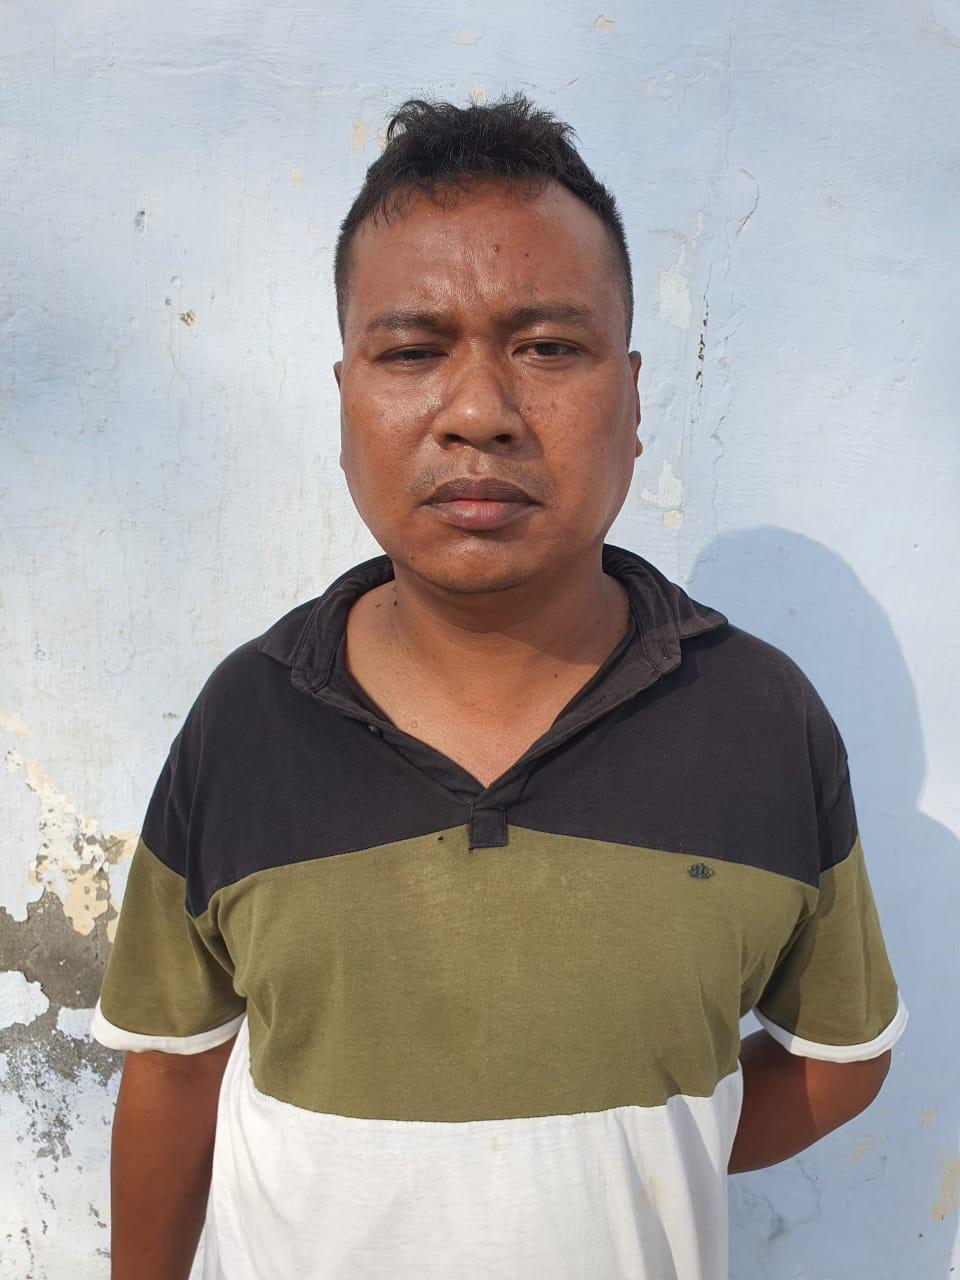 पुलिस ने मुक्तसर साहिब से किया गिरफ्तार, असम में बोडो लिबरेशन टाइगर फोर्स का सदस्य रह चुका है एक सदस्य|बठिंडा,Bathinda - Dainik Bhaskar